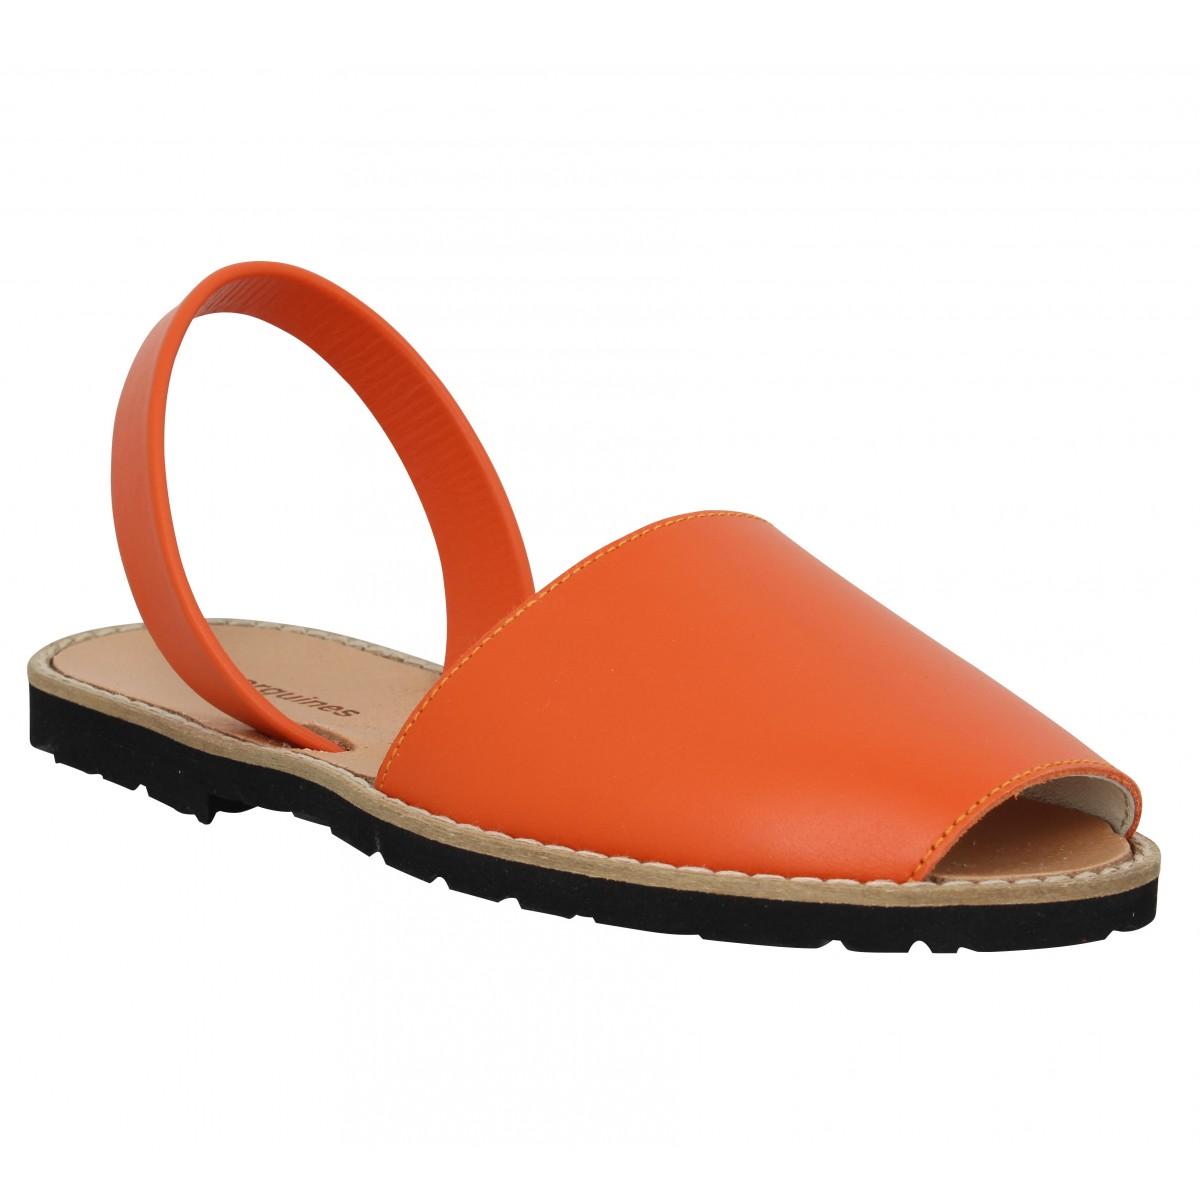 Minorquines Femme Avarca Cuir -36-orange